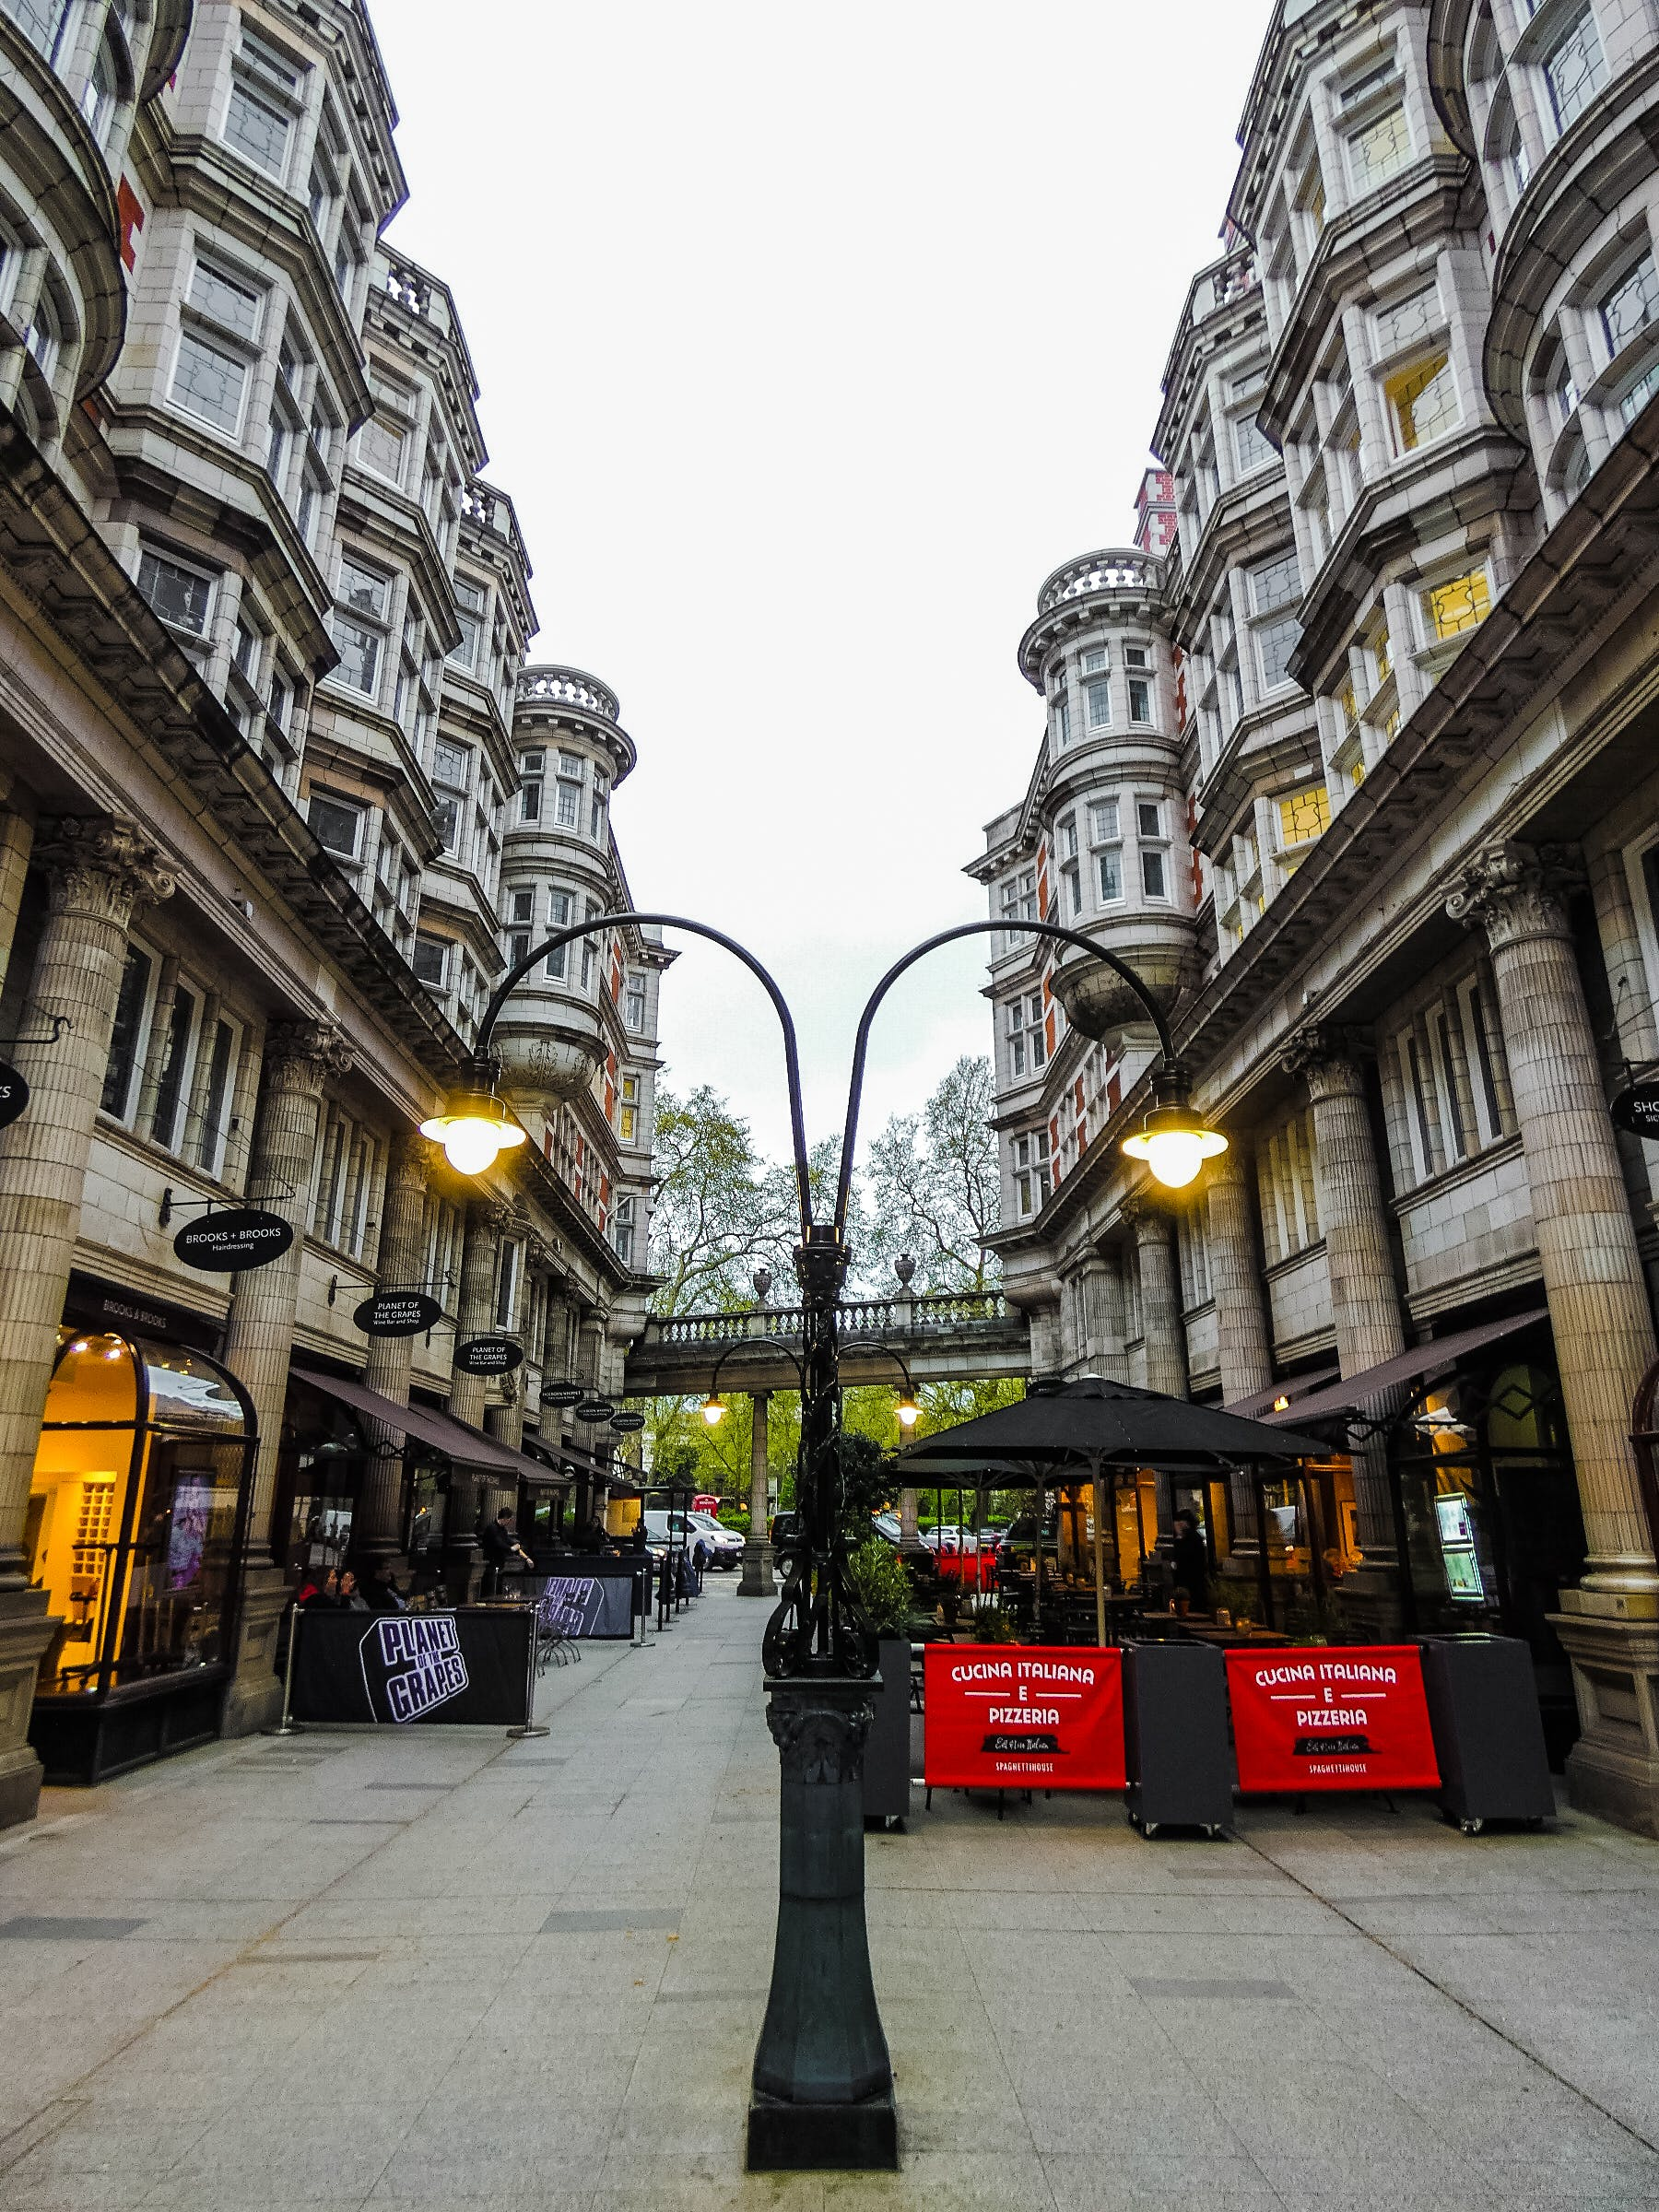 architektur, gebäude, großbritannien